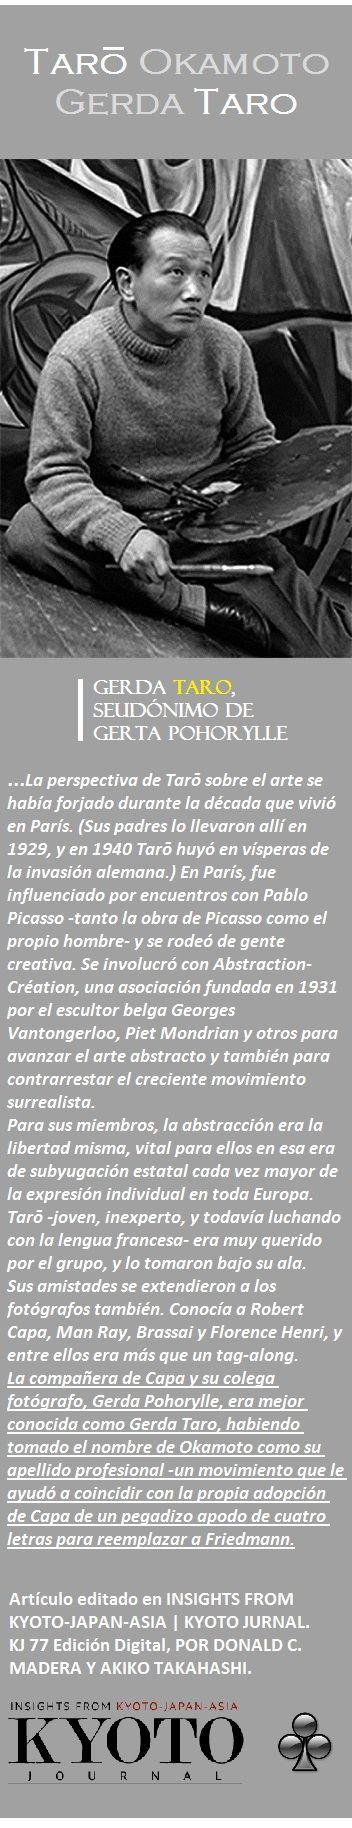 Okamoto Tarō (1911-1996) conocía a Robert Capa, Man Ray, Brassai y Florence Henri, y entre ellos era más que un tag-along. La compañera de Capa y su colega fotógrafo, Gerda Pohorylle, era mejor conocida como Gerda Taro, habiendo tomado el nombre de Okamoto como su apellido profesional -un movimiento que le ayudó a coincidir con la propia adopción de Capa de un pegadizo apodo de cuatro letras para reemplazar a Friedmann.